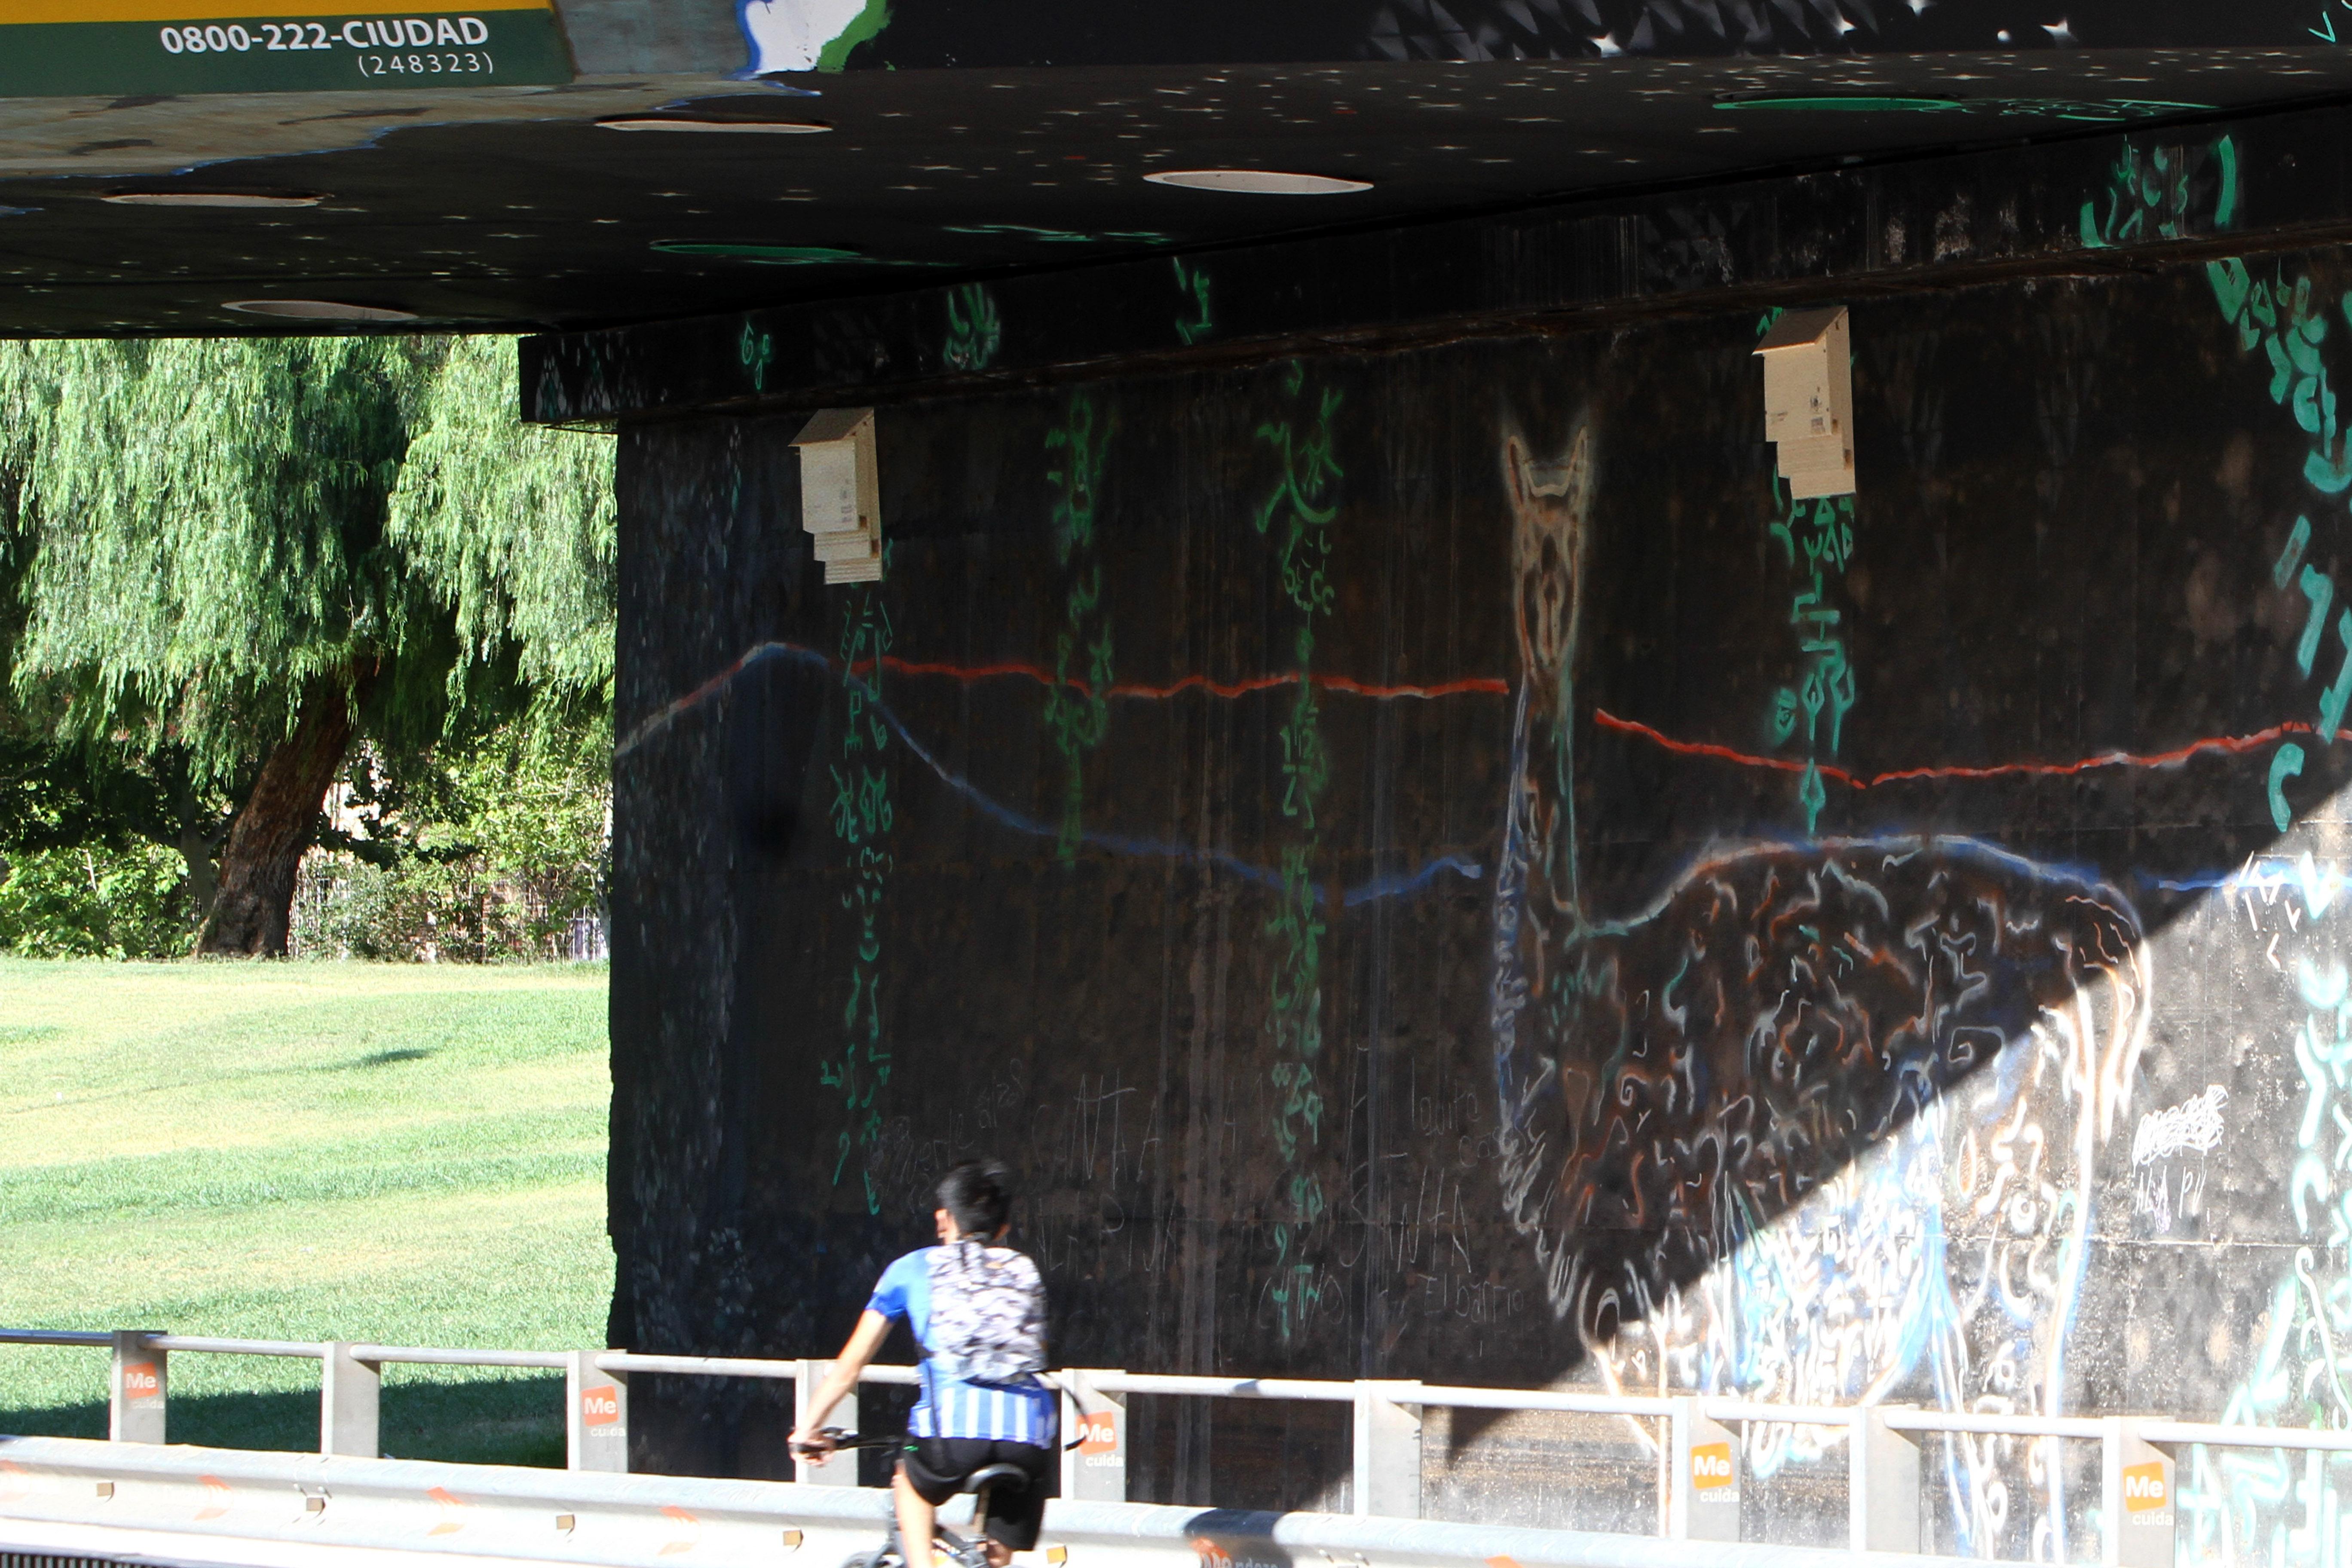 Puente del Parque Central donde se ve un refugio de murciélagos.